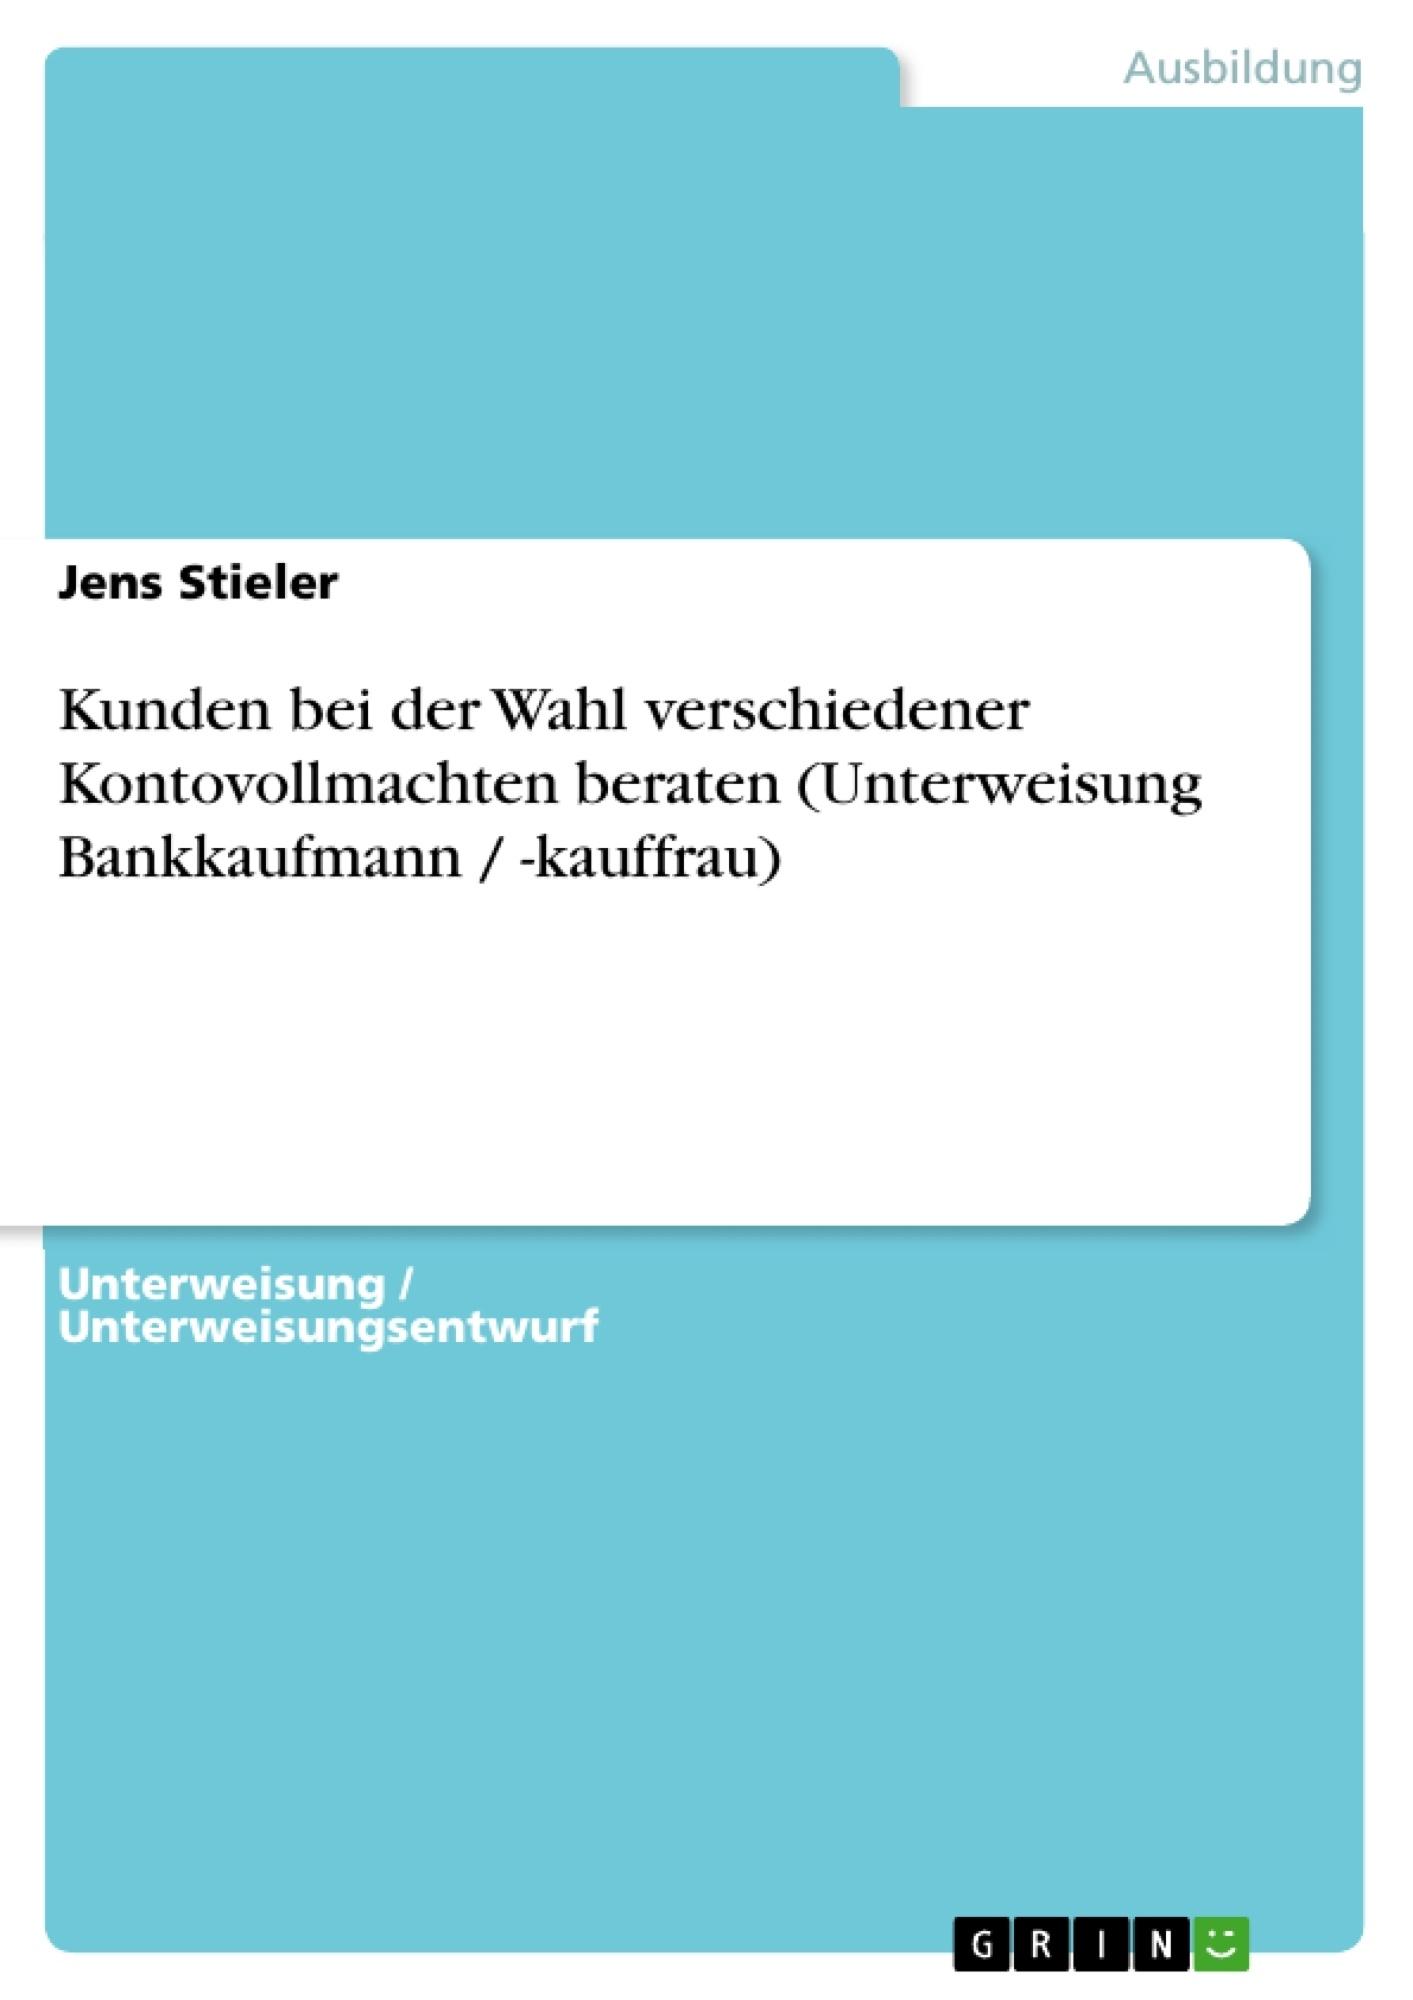 Titel: Kunden bei der Wahl verschiedener Kontovollmachten beraten (Unterweisung Bankkaufmann /  -kauffrau)